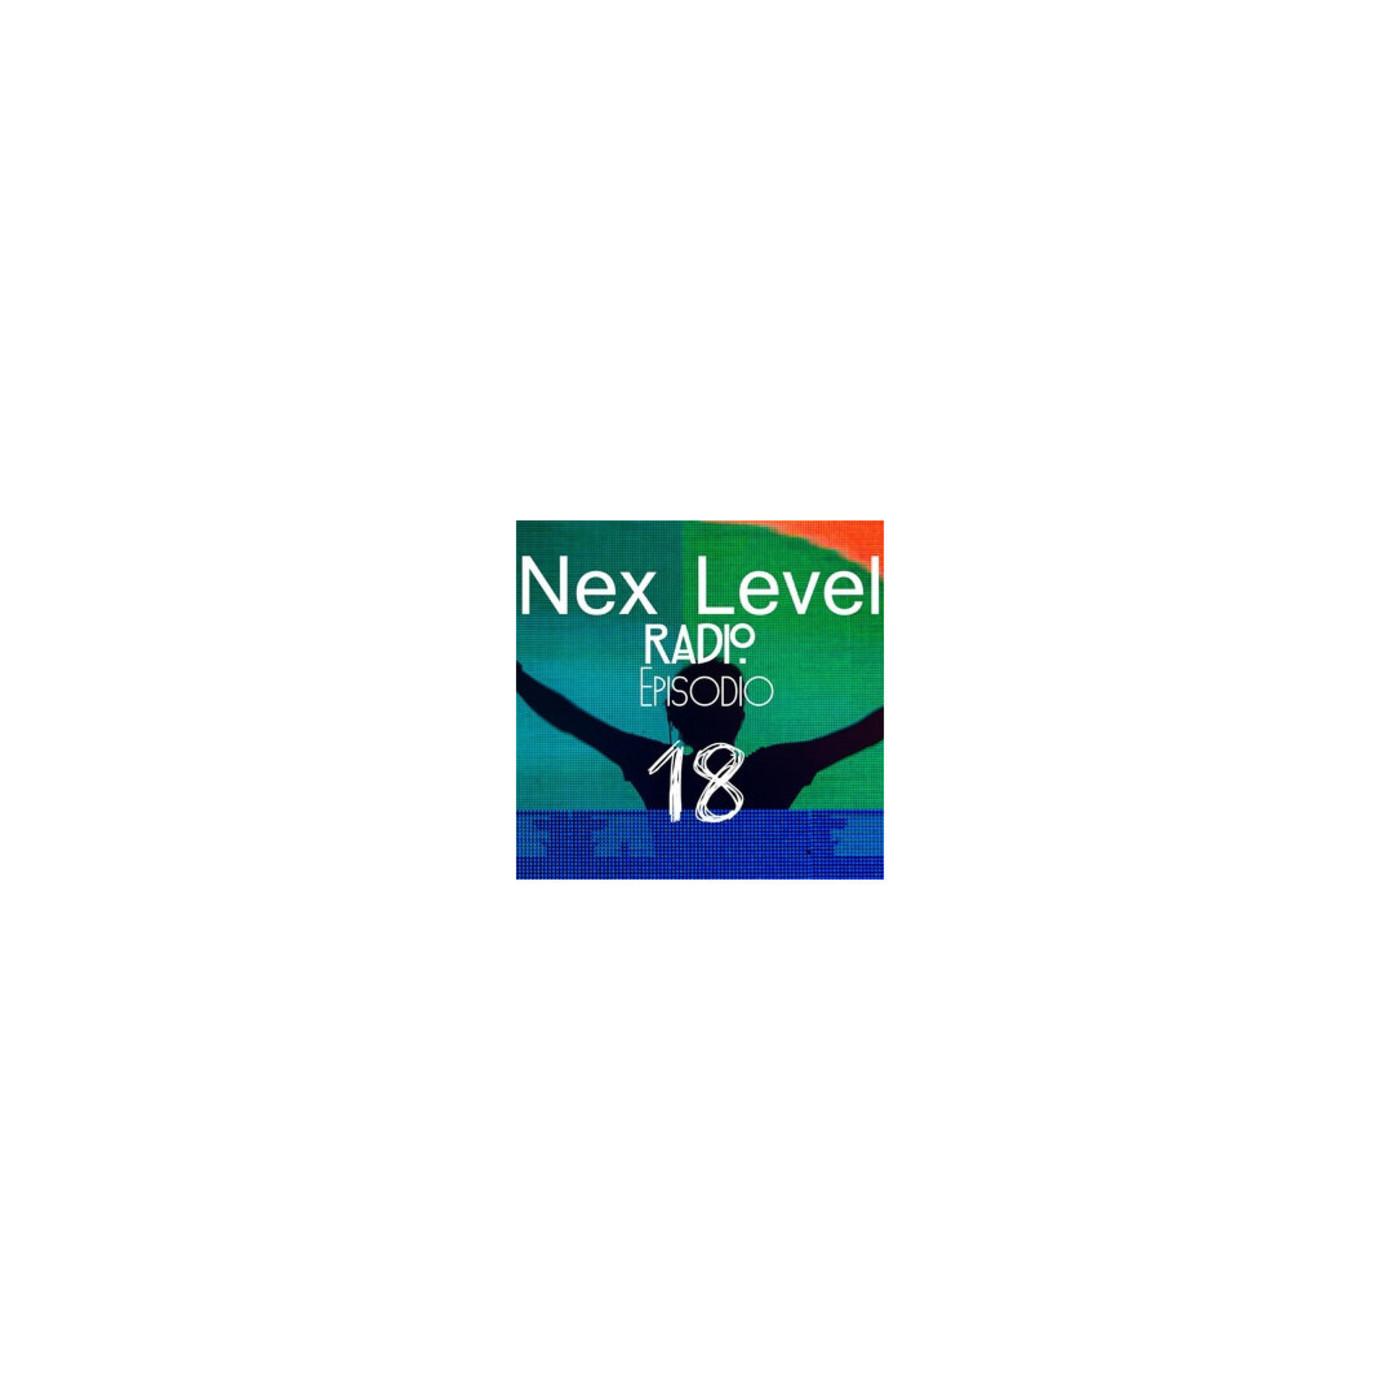 <![CDATA[Nex Level (Radio) Episode 18]]>